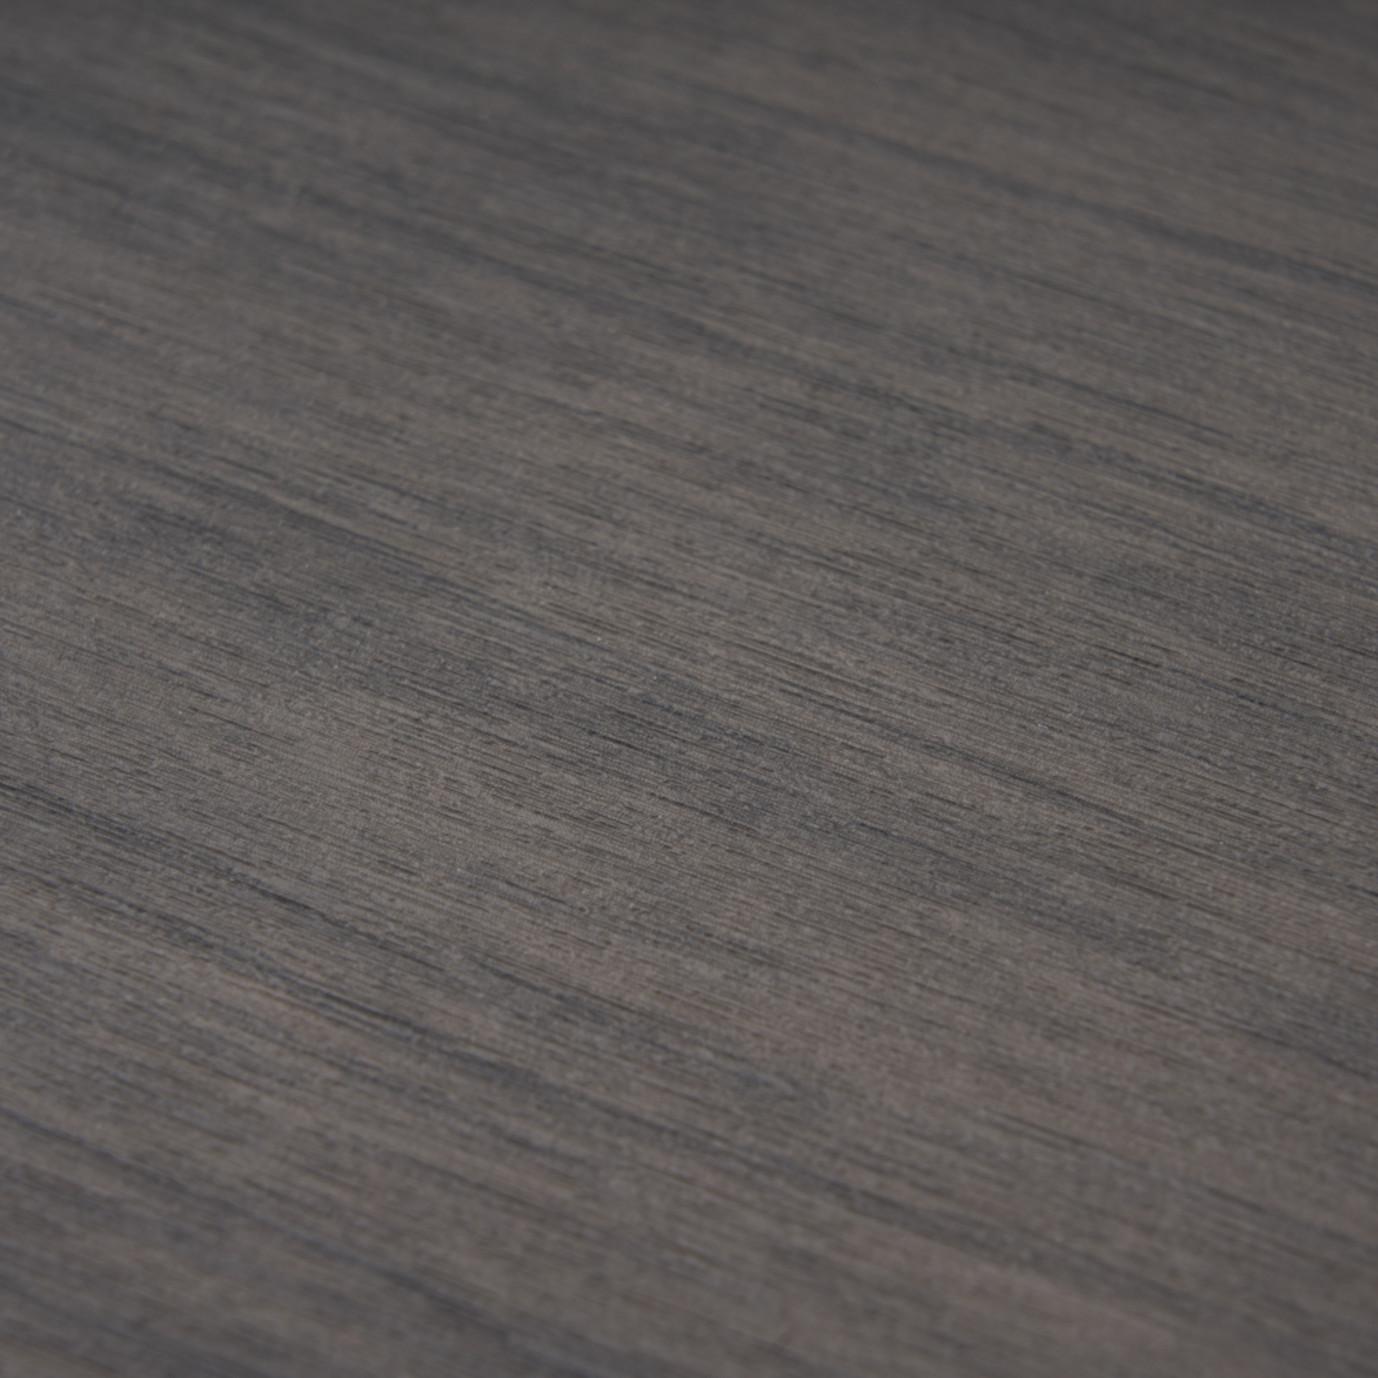 Portofino Repose Side Table - Espresso